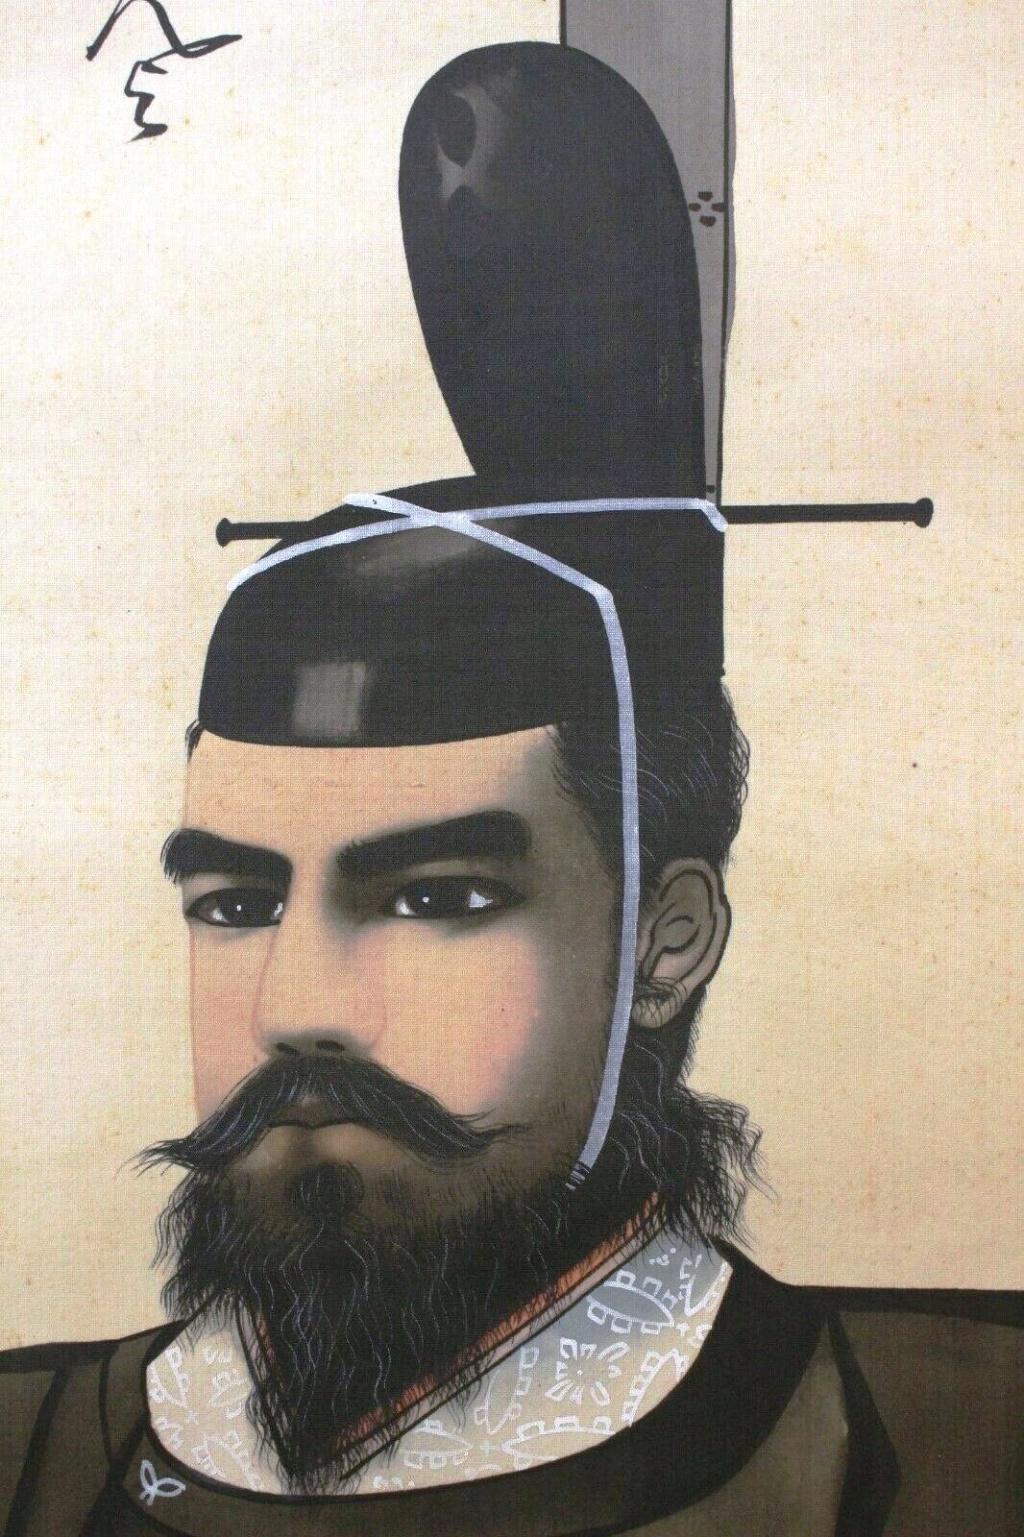 """L'art populaire """"Ôtsu-e"""" dans la représentation de l'emp. Taisho sur kakemono Meiji_14"""